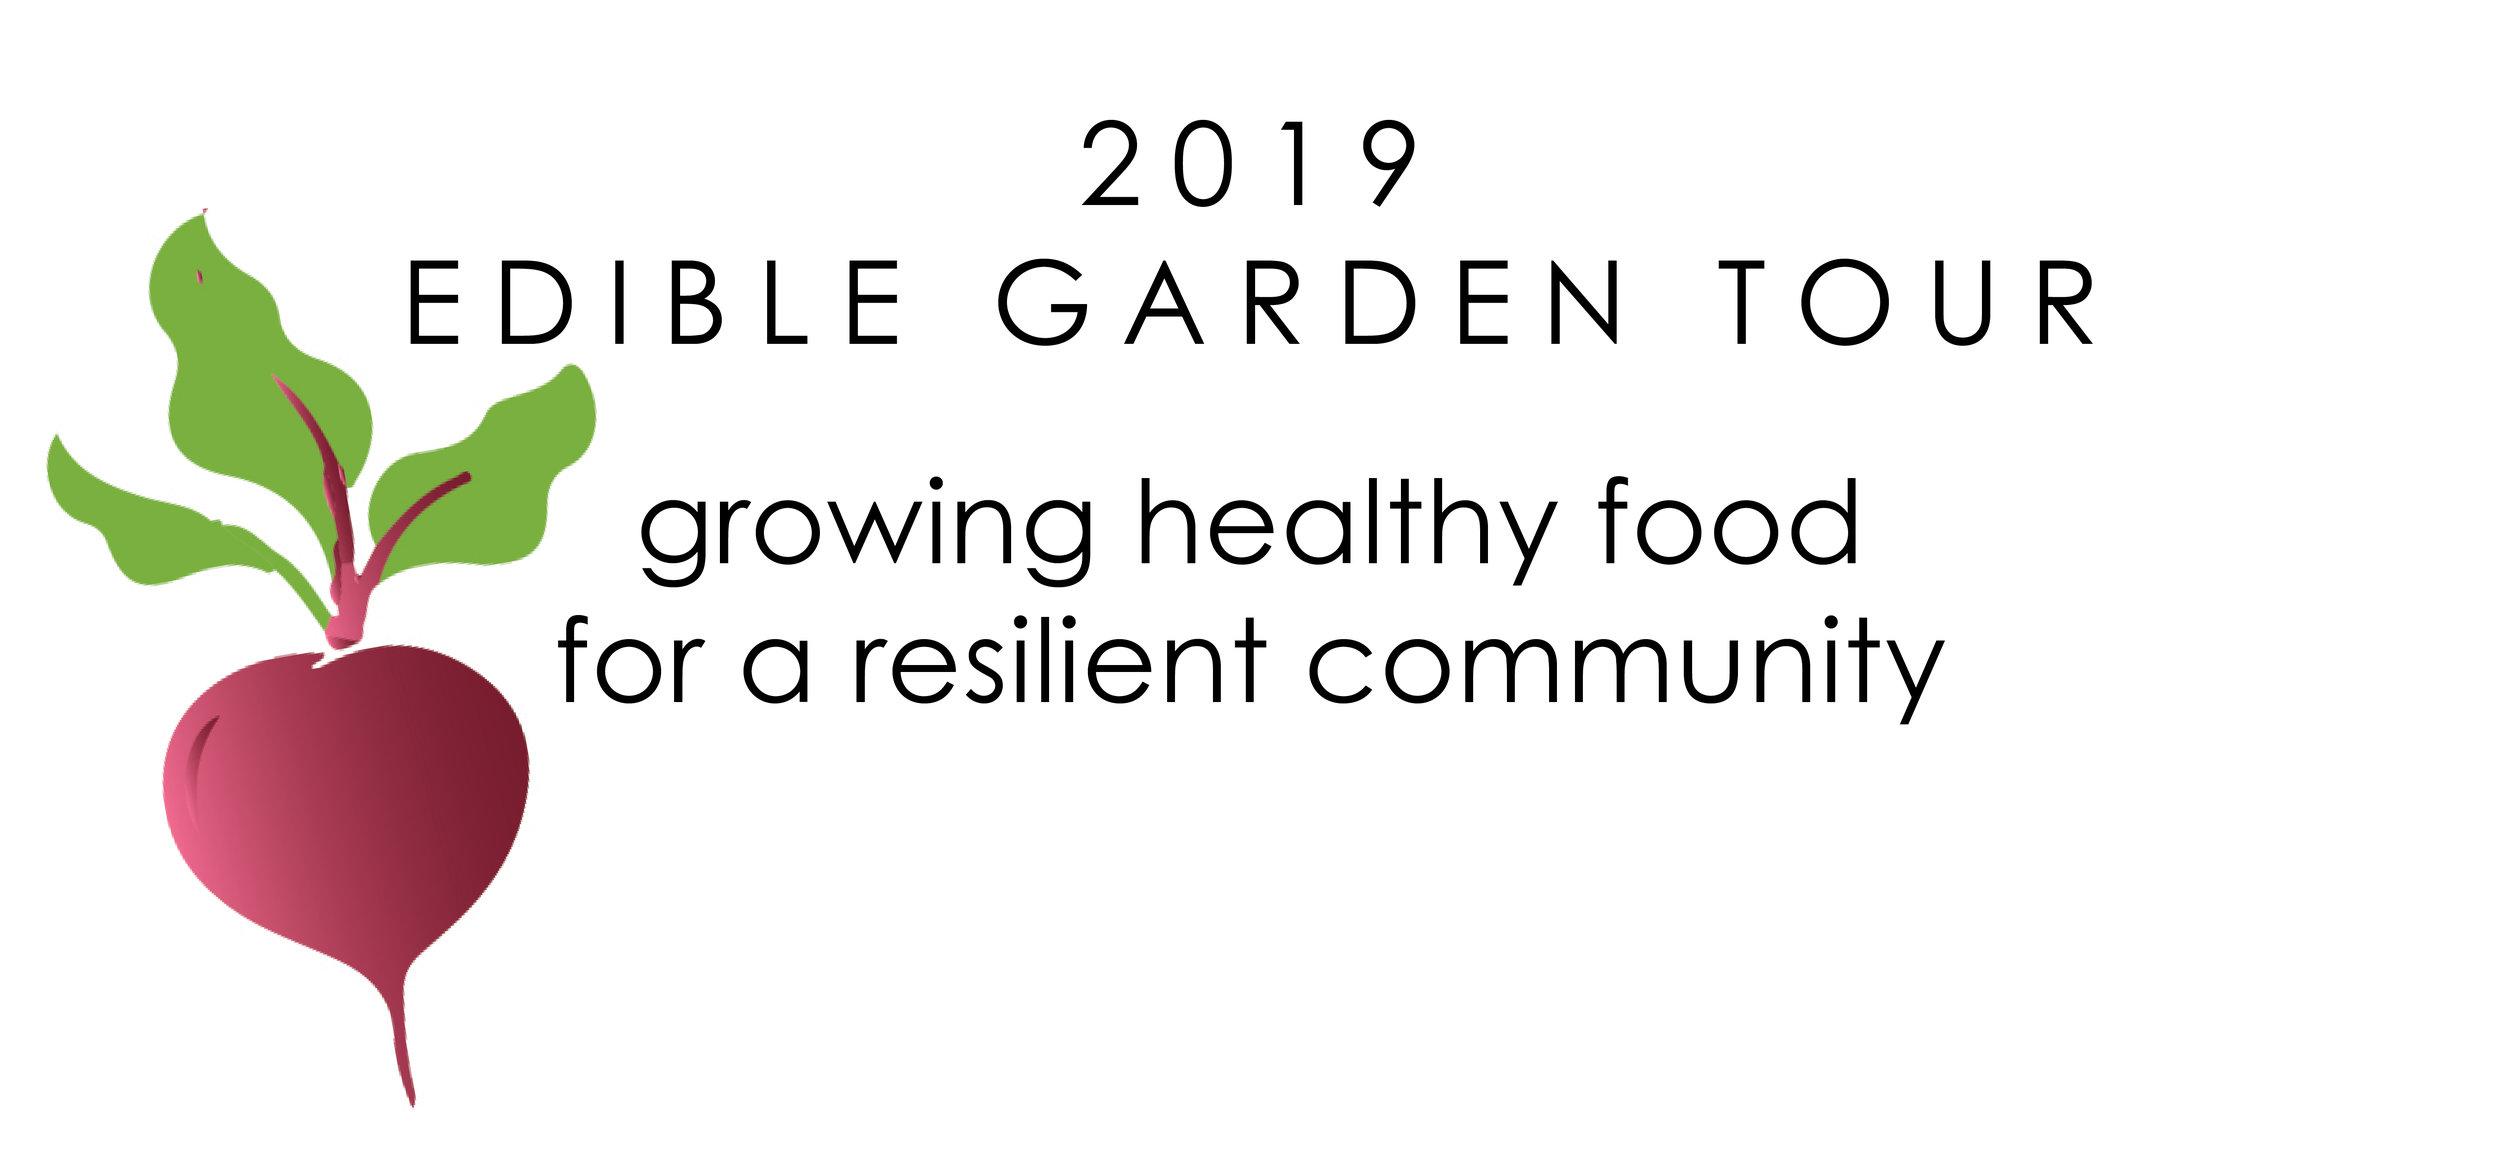 *edible garden tour-logo_v3_LG.jpg